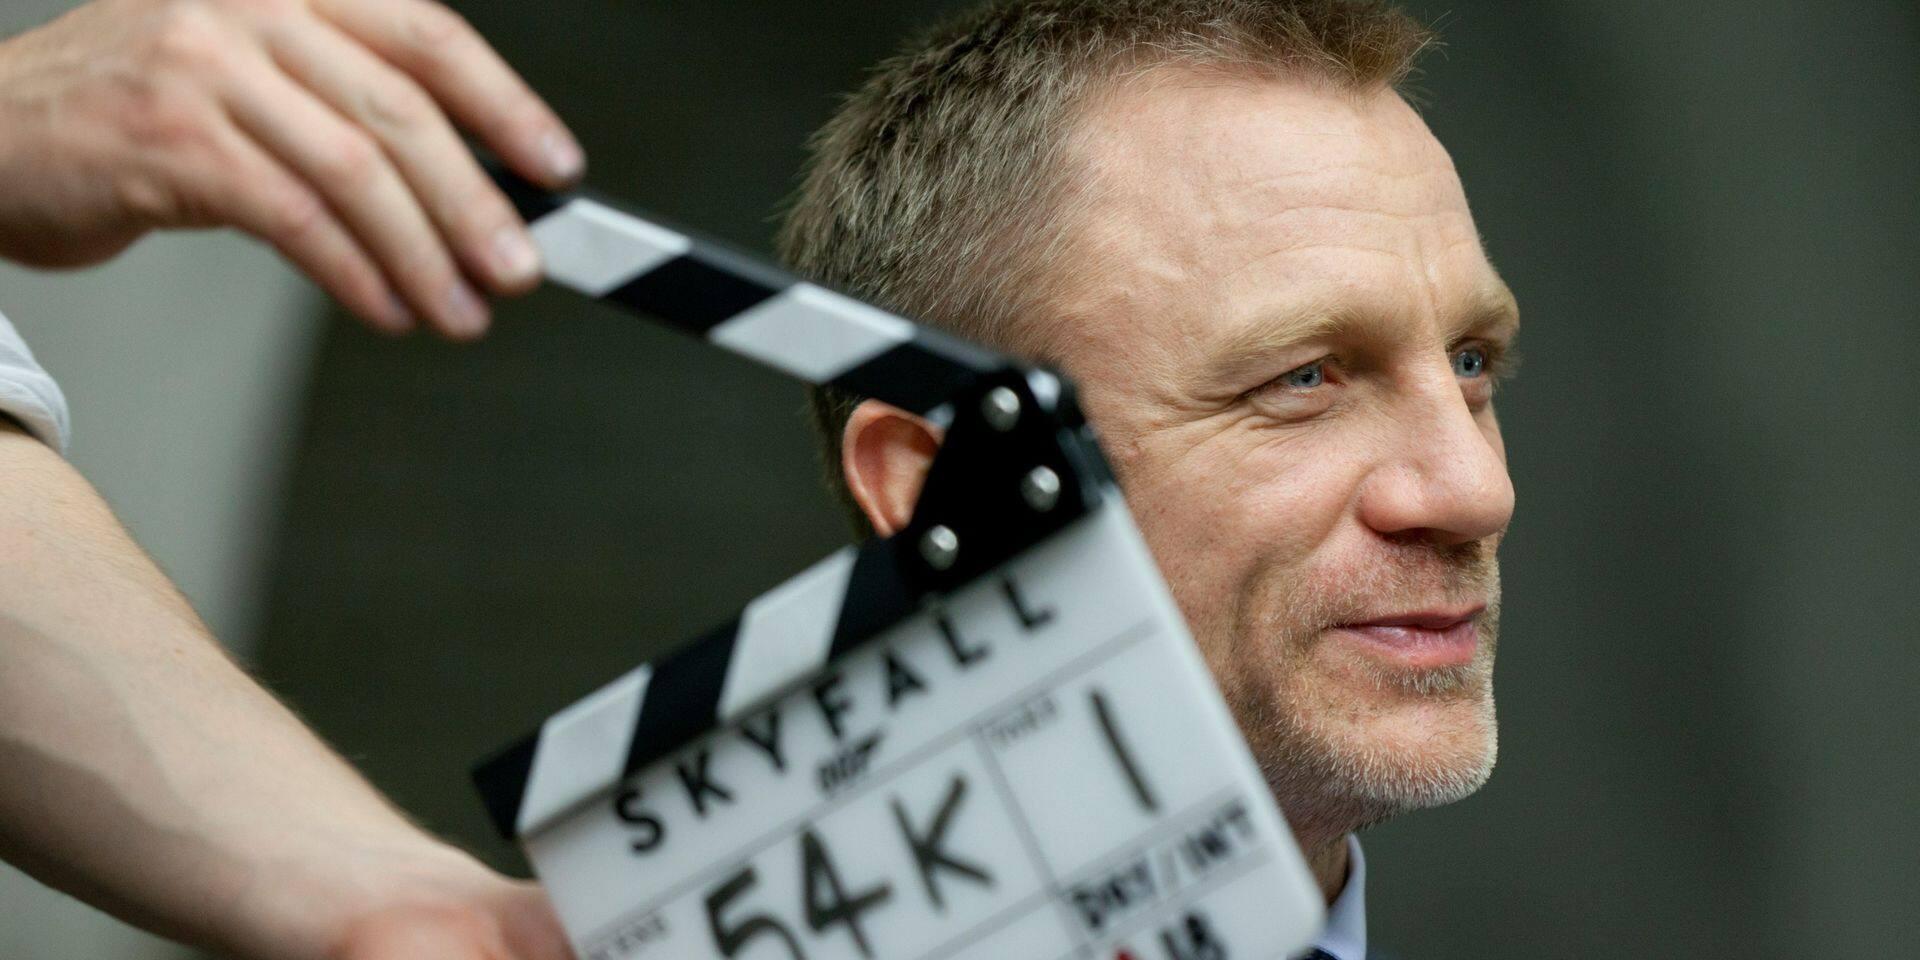 James Bond, plus qu'une fiction ? Selon les archives, un vrai James Bond travaillait en Pologne communiste